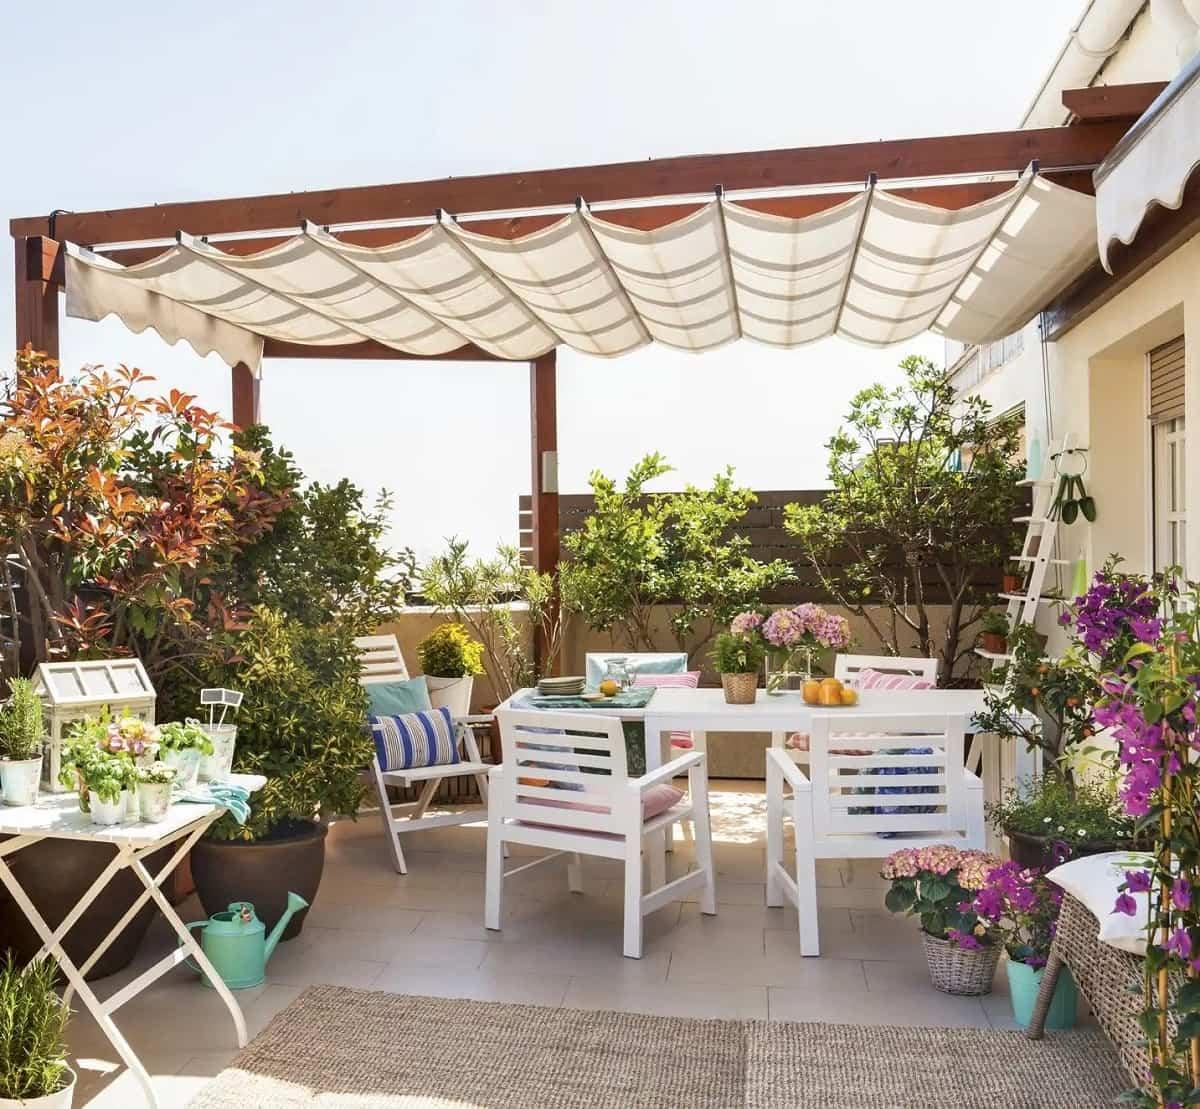 claves para elegir las mejores telas de exterior para la terraza 7